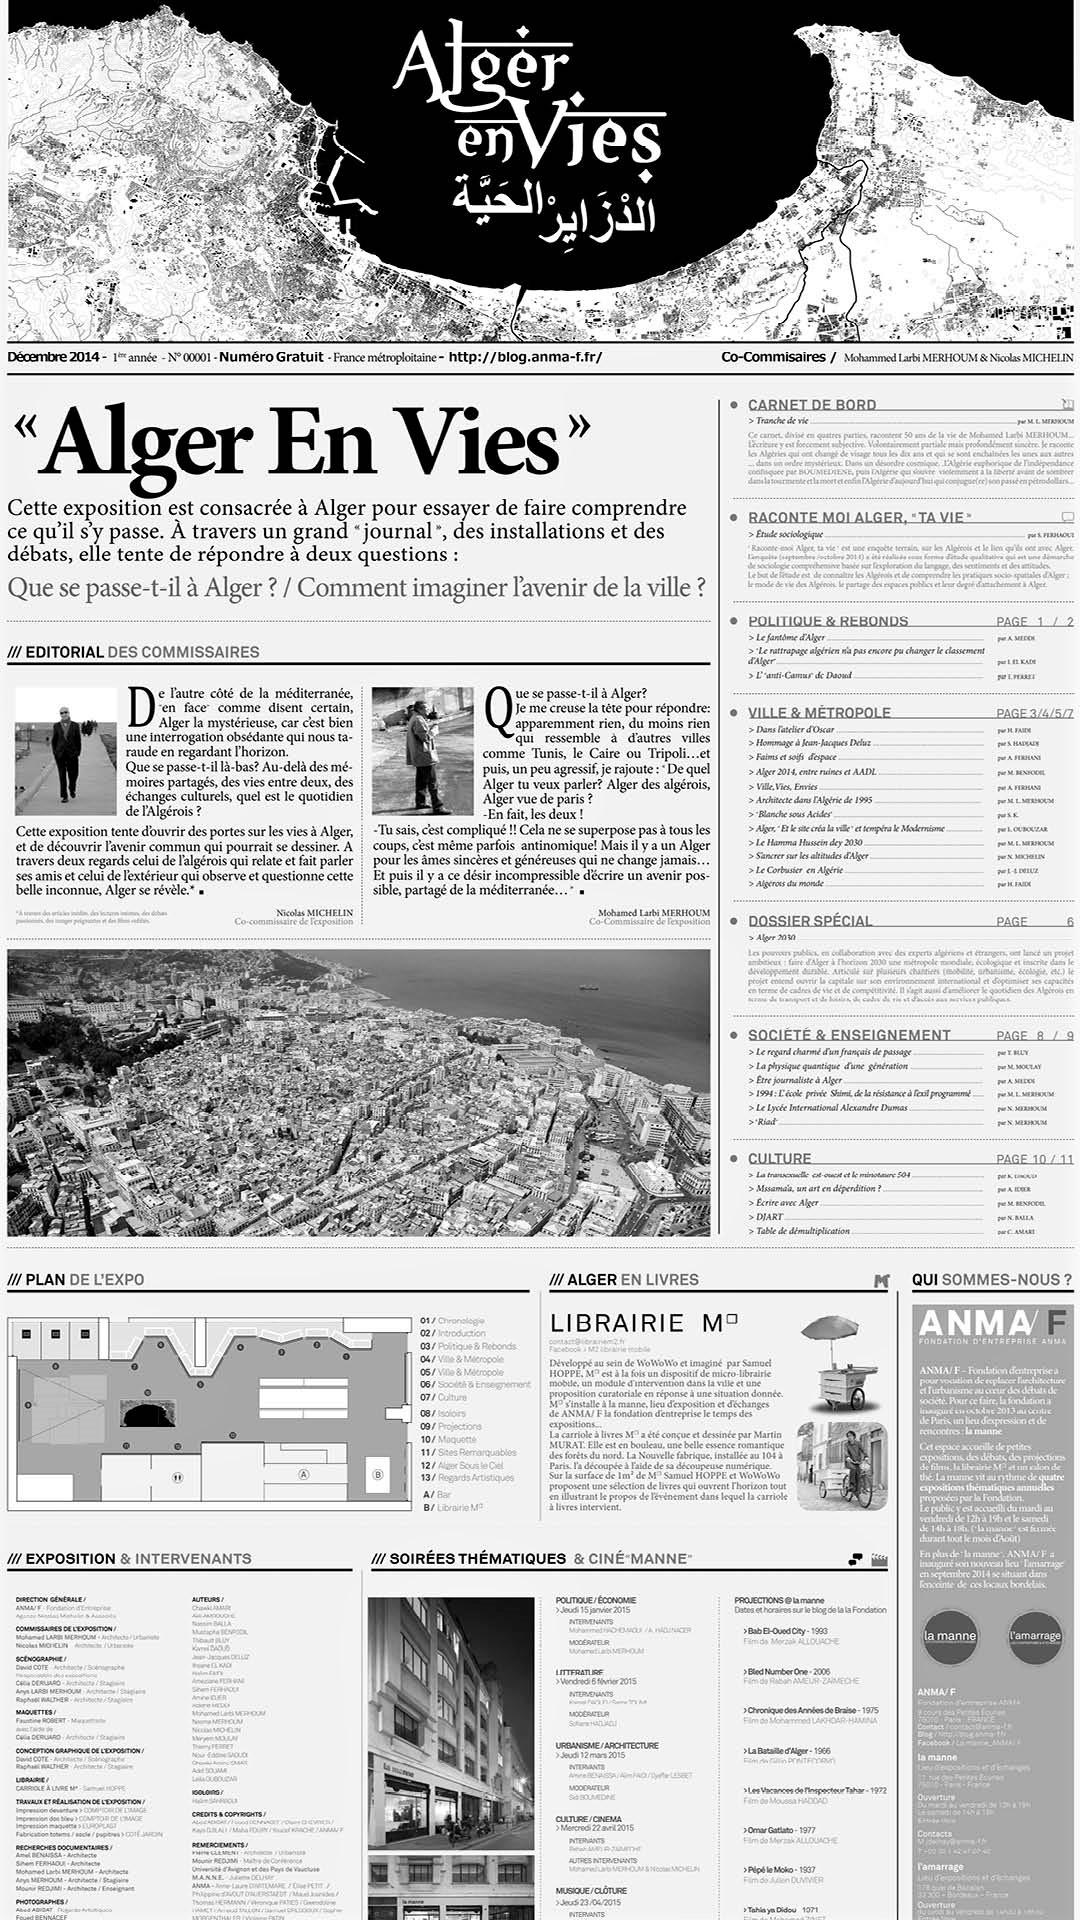 ANMA Paris Alger en Vies